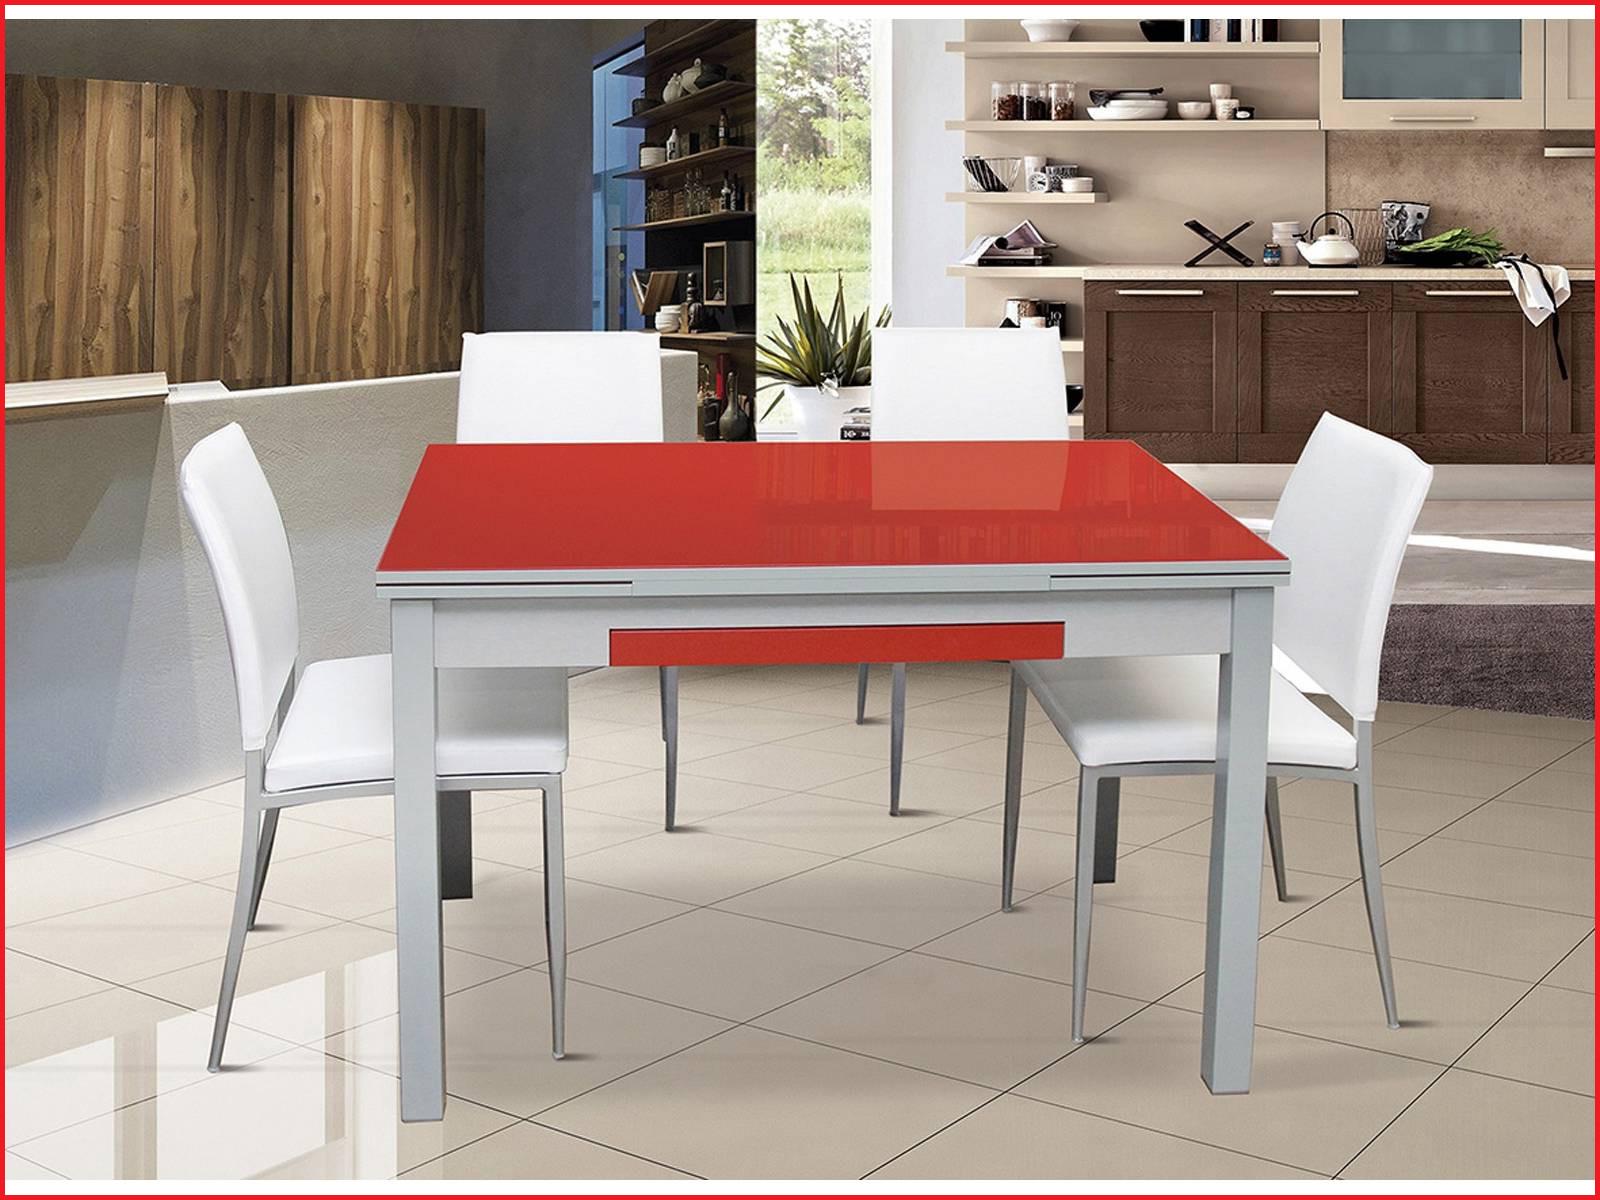 Mesas De Cocina Merkamueble Y7du Mesas De Cocina Merkamueble Mesas Y Sillas De Cocina Catà Logo